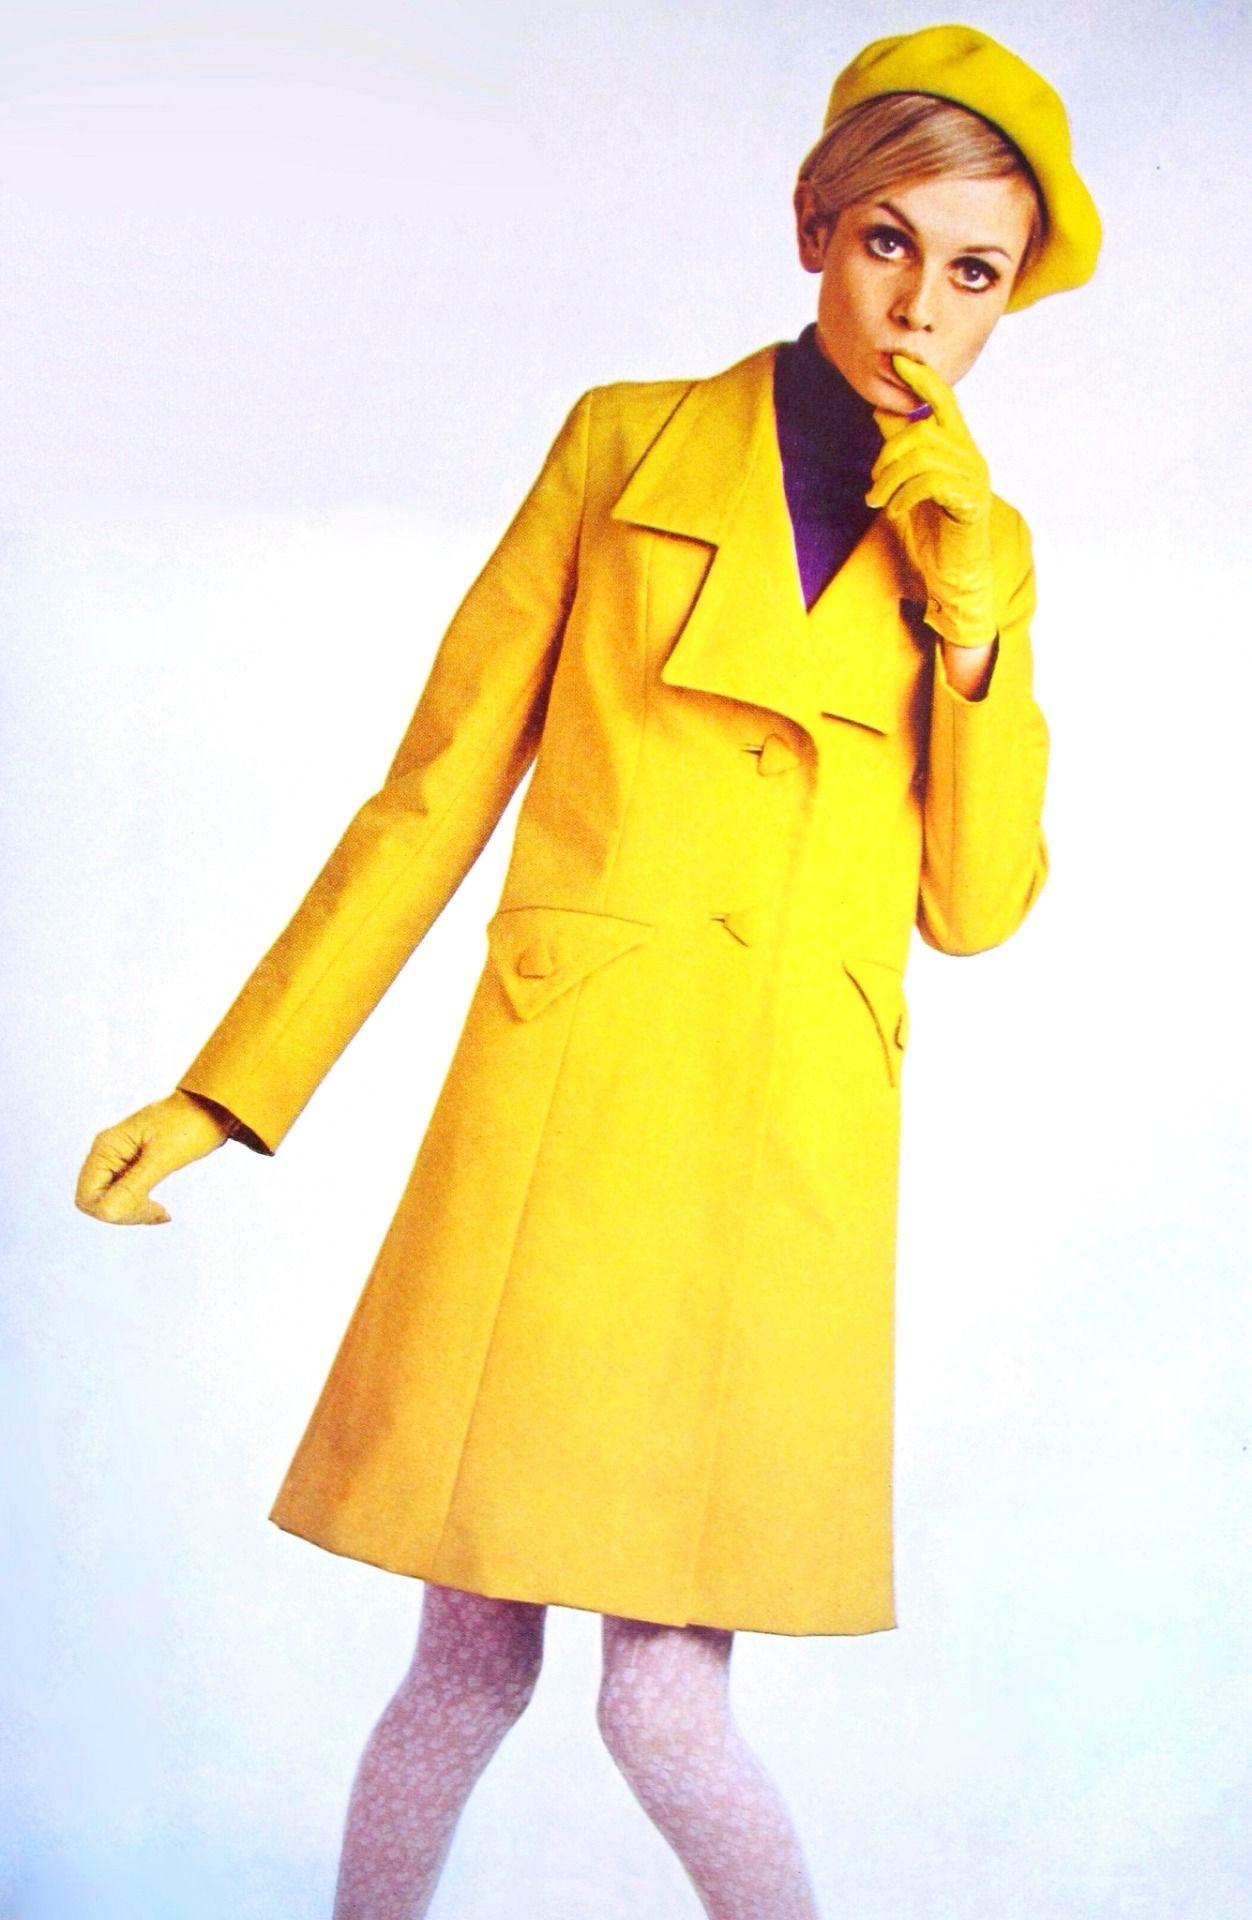 Twiggy modeling a yellow raincoat, 1968. (♥) | Vintage ...